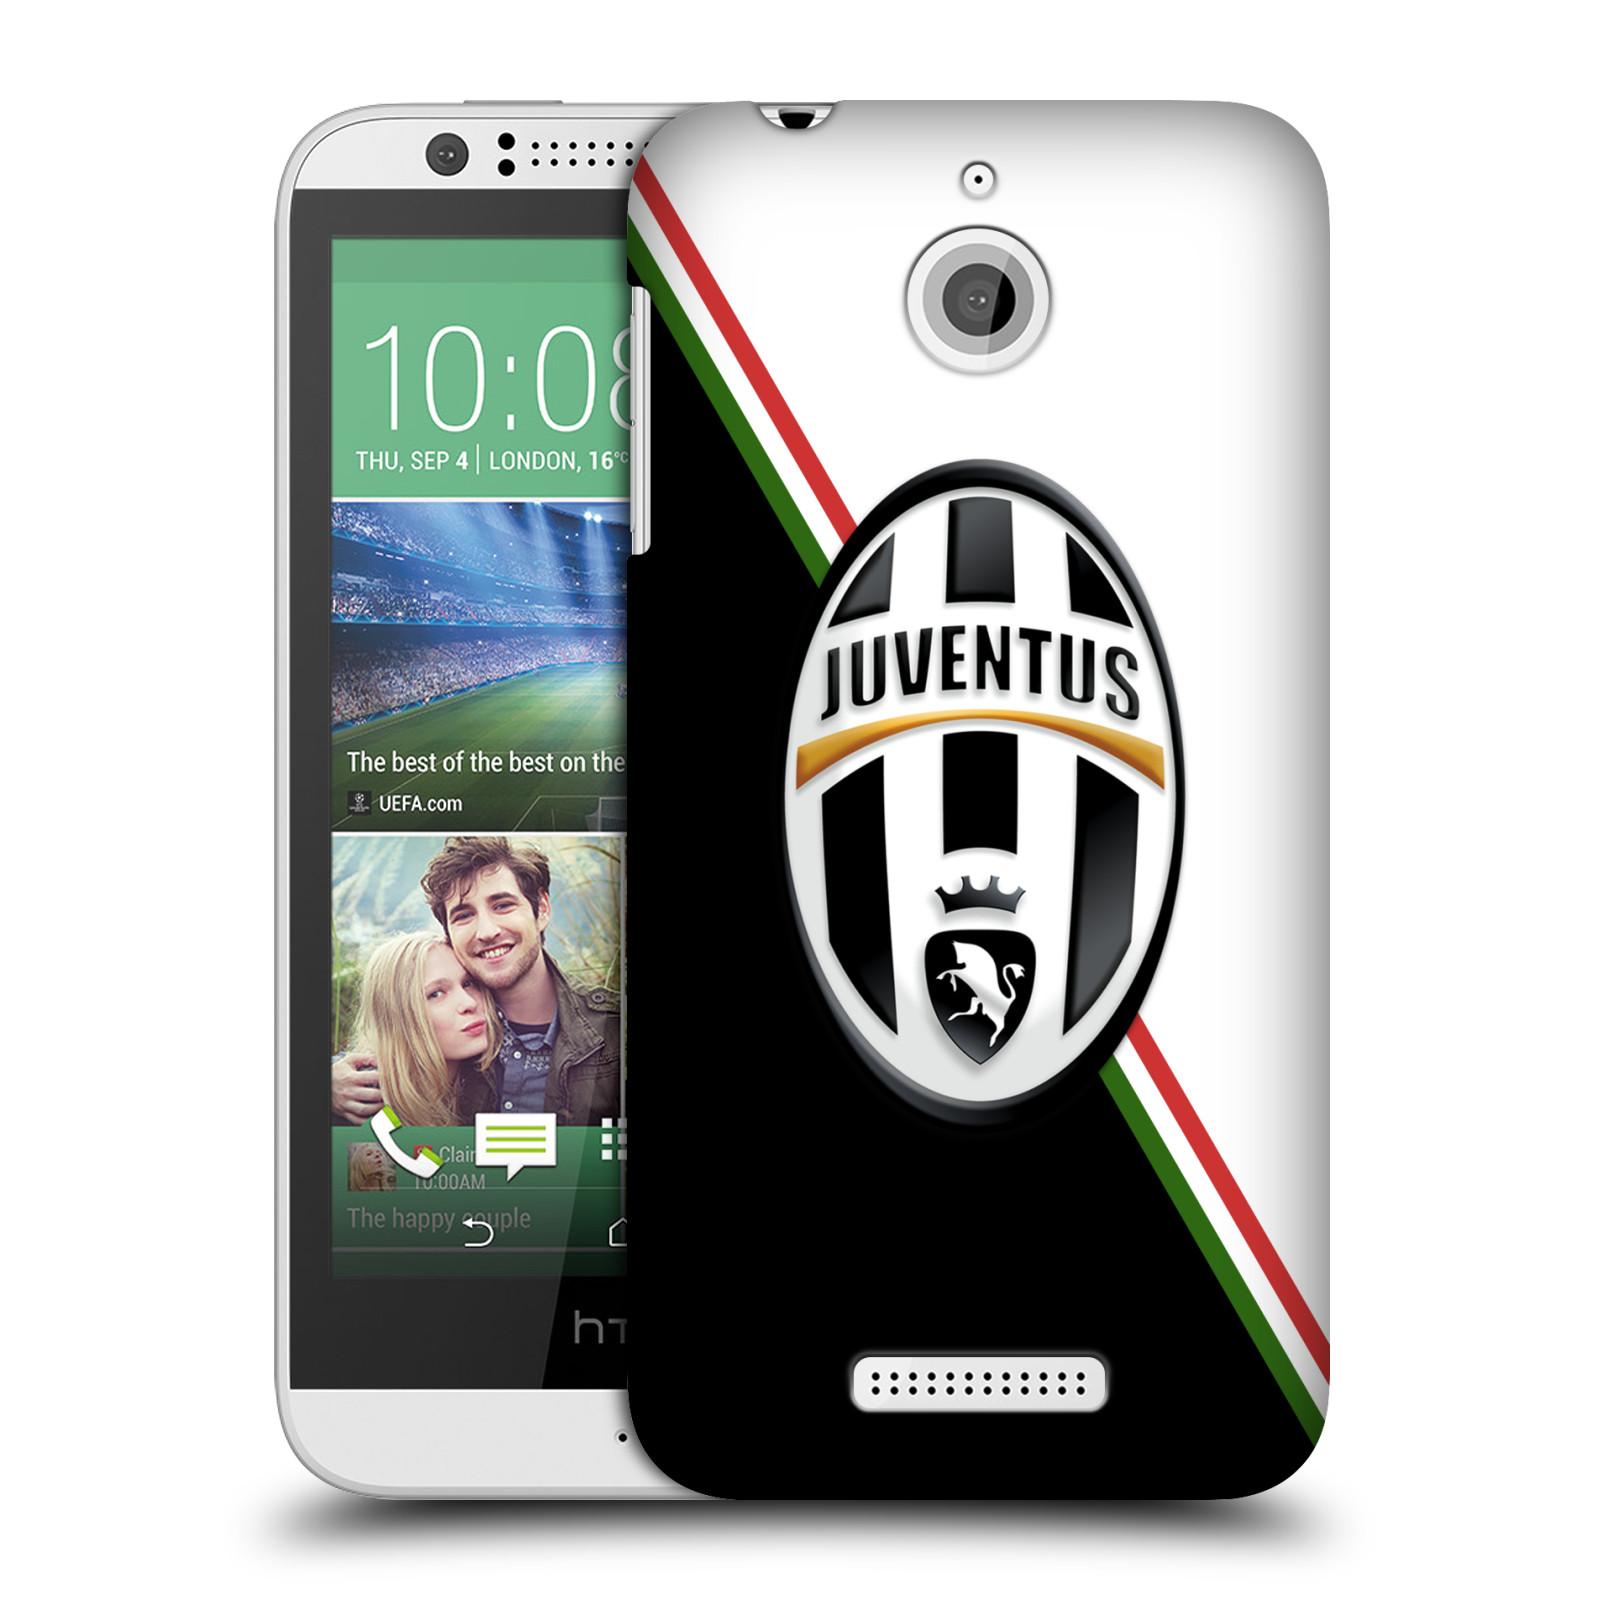 Plastové pouzdro na mobil HTC Desire 510 HEAD CASE Juventus FC - Black and White (Plastový kryt či obal na mobilní telefon Juventus FC Official pro HTC Desire 510)